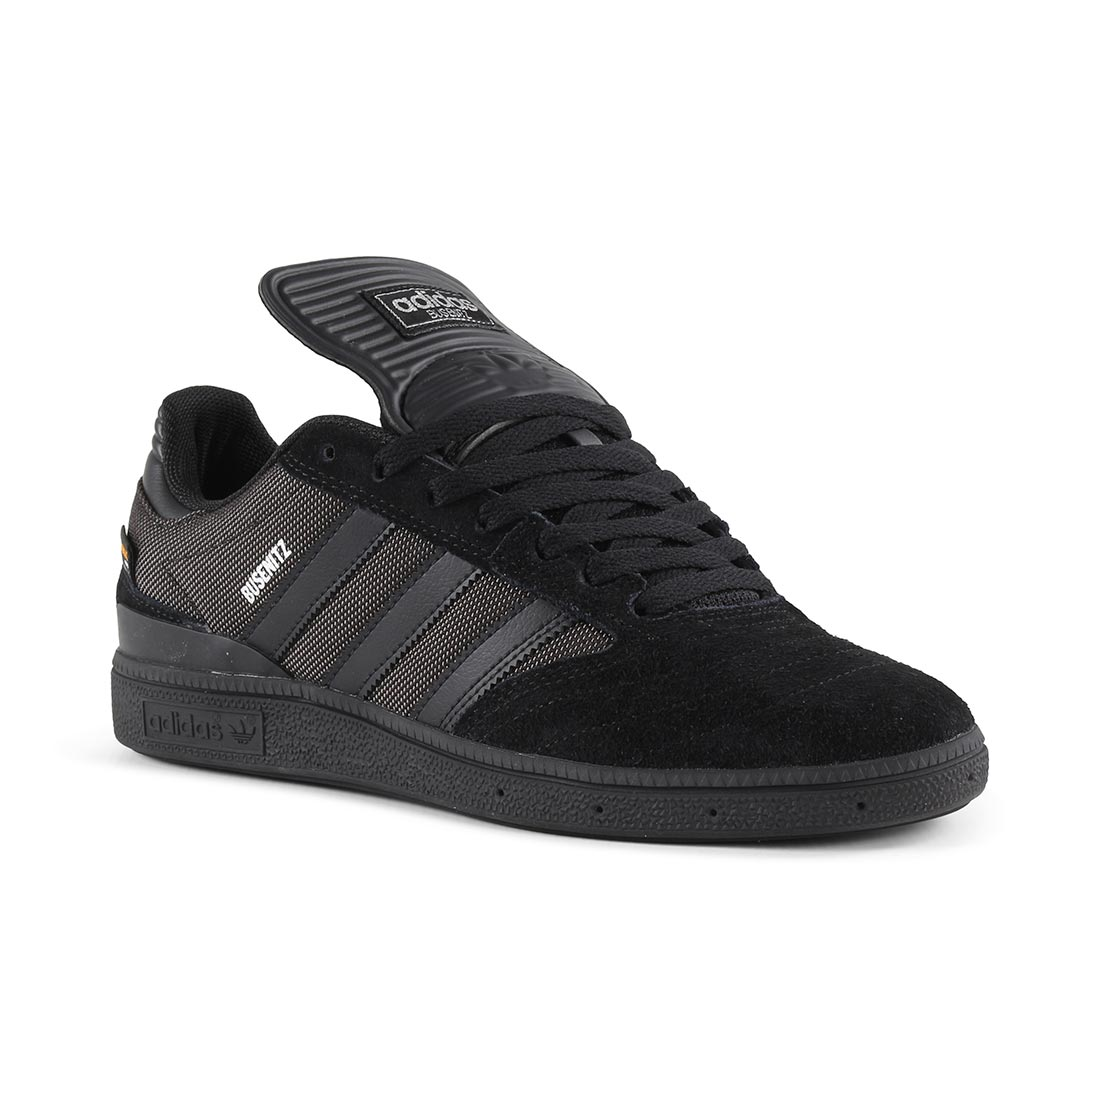 6538d13b386af Adidas Busenitz Pro Shoes - Core Black   Core Black   Core Black